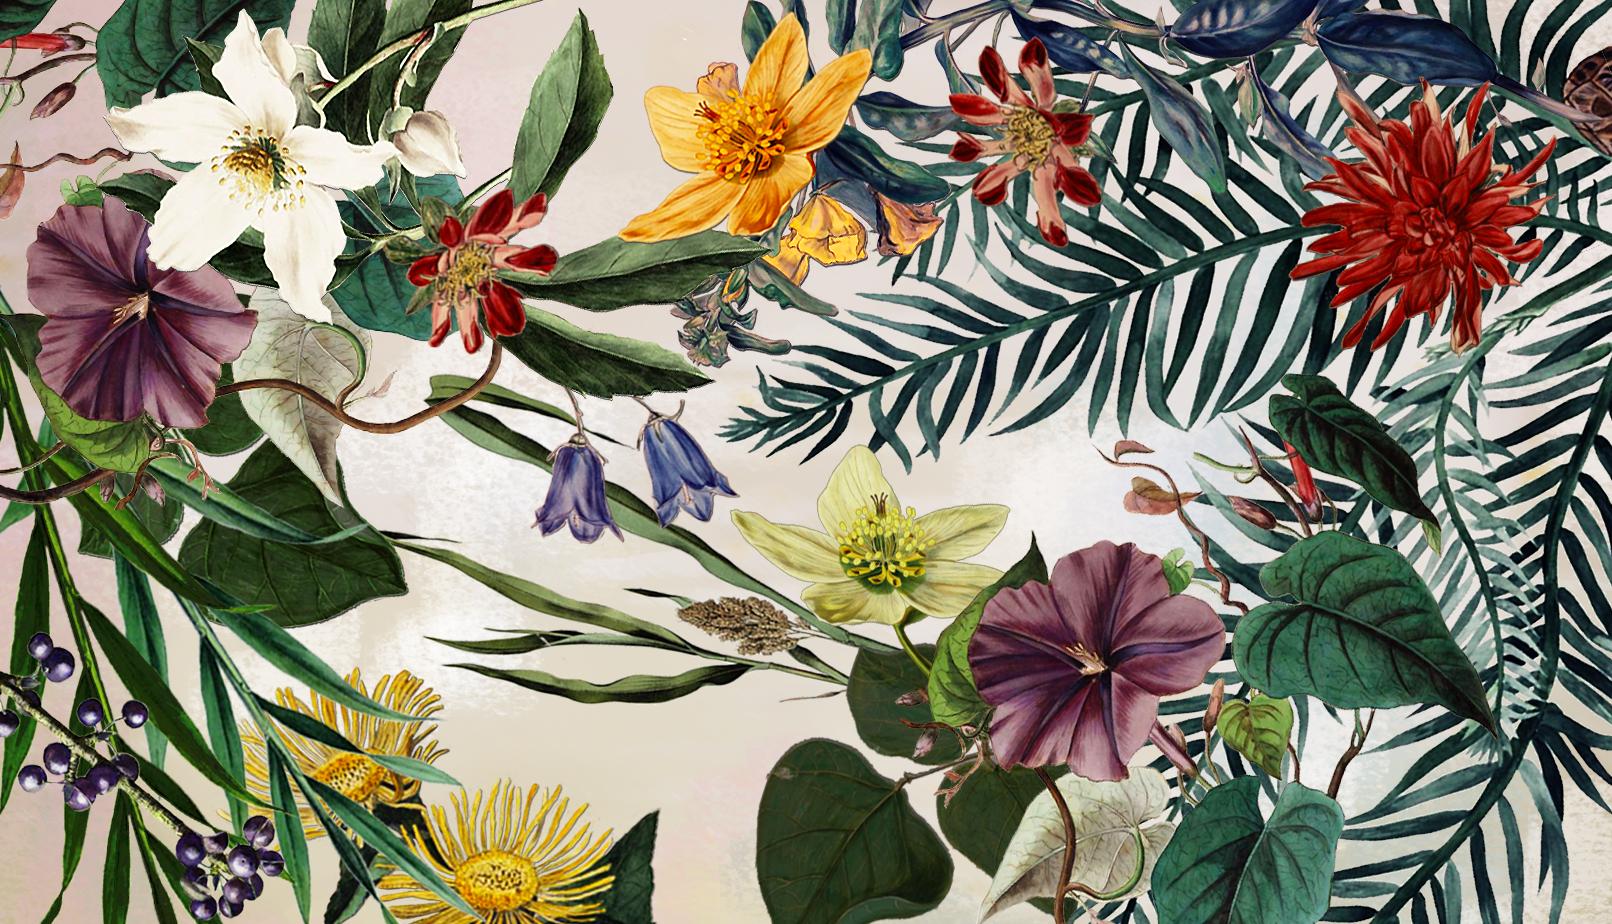 Floraal bloemen dessin is onderdeel van de huisstijl van Studio Ernst